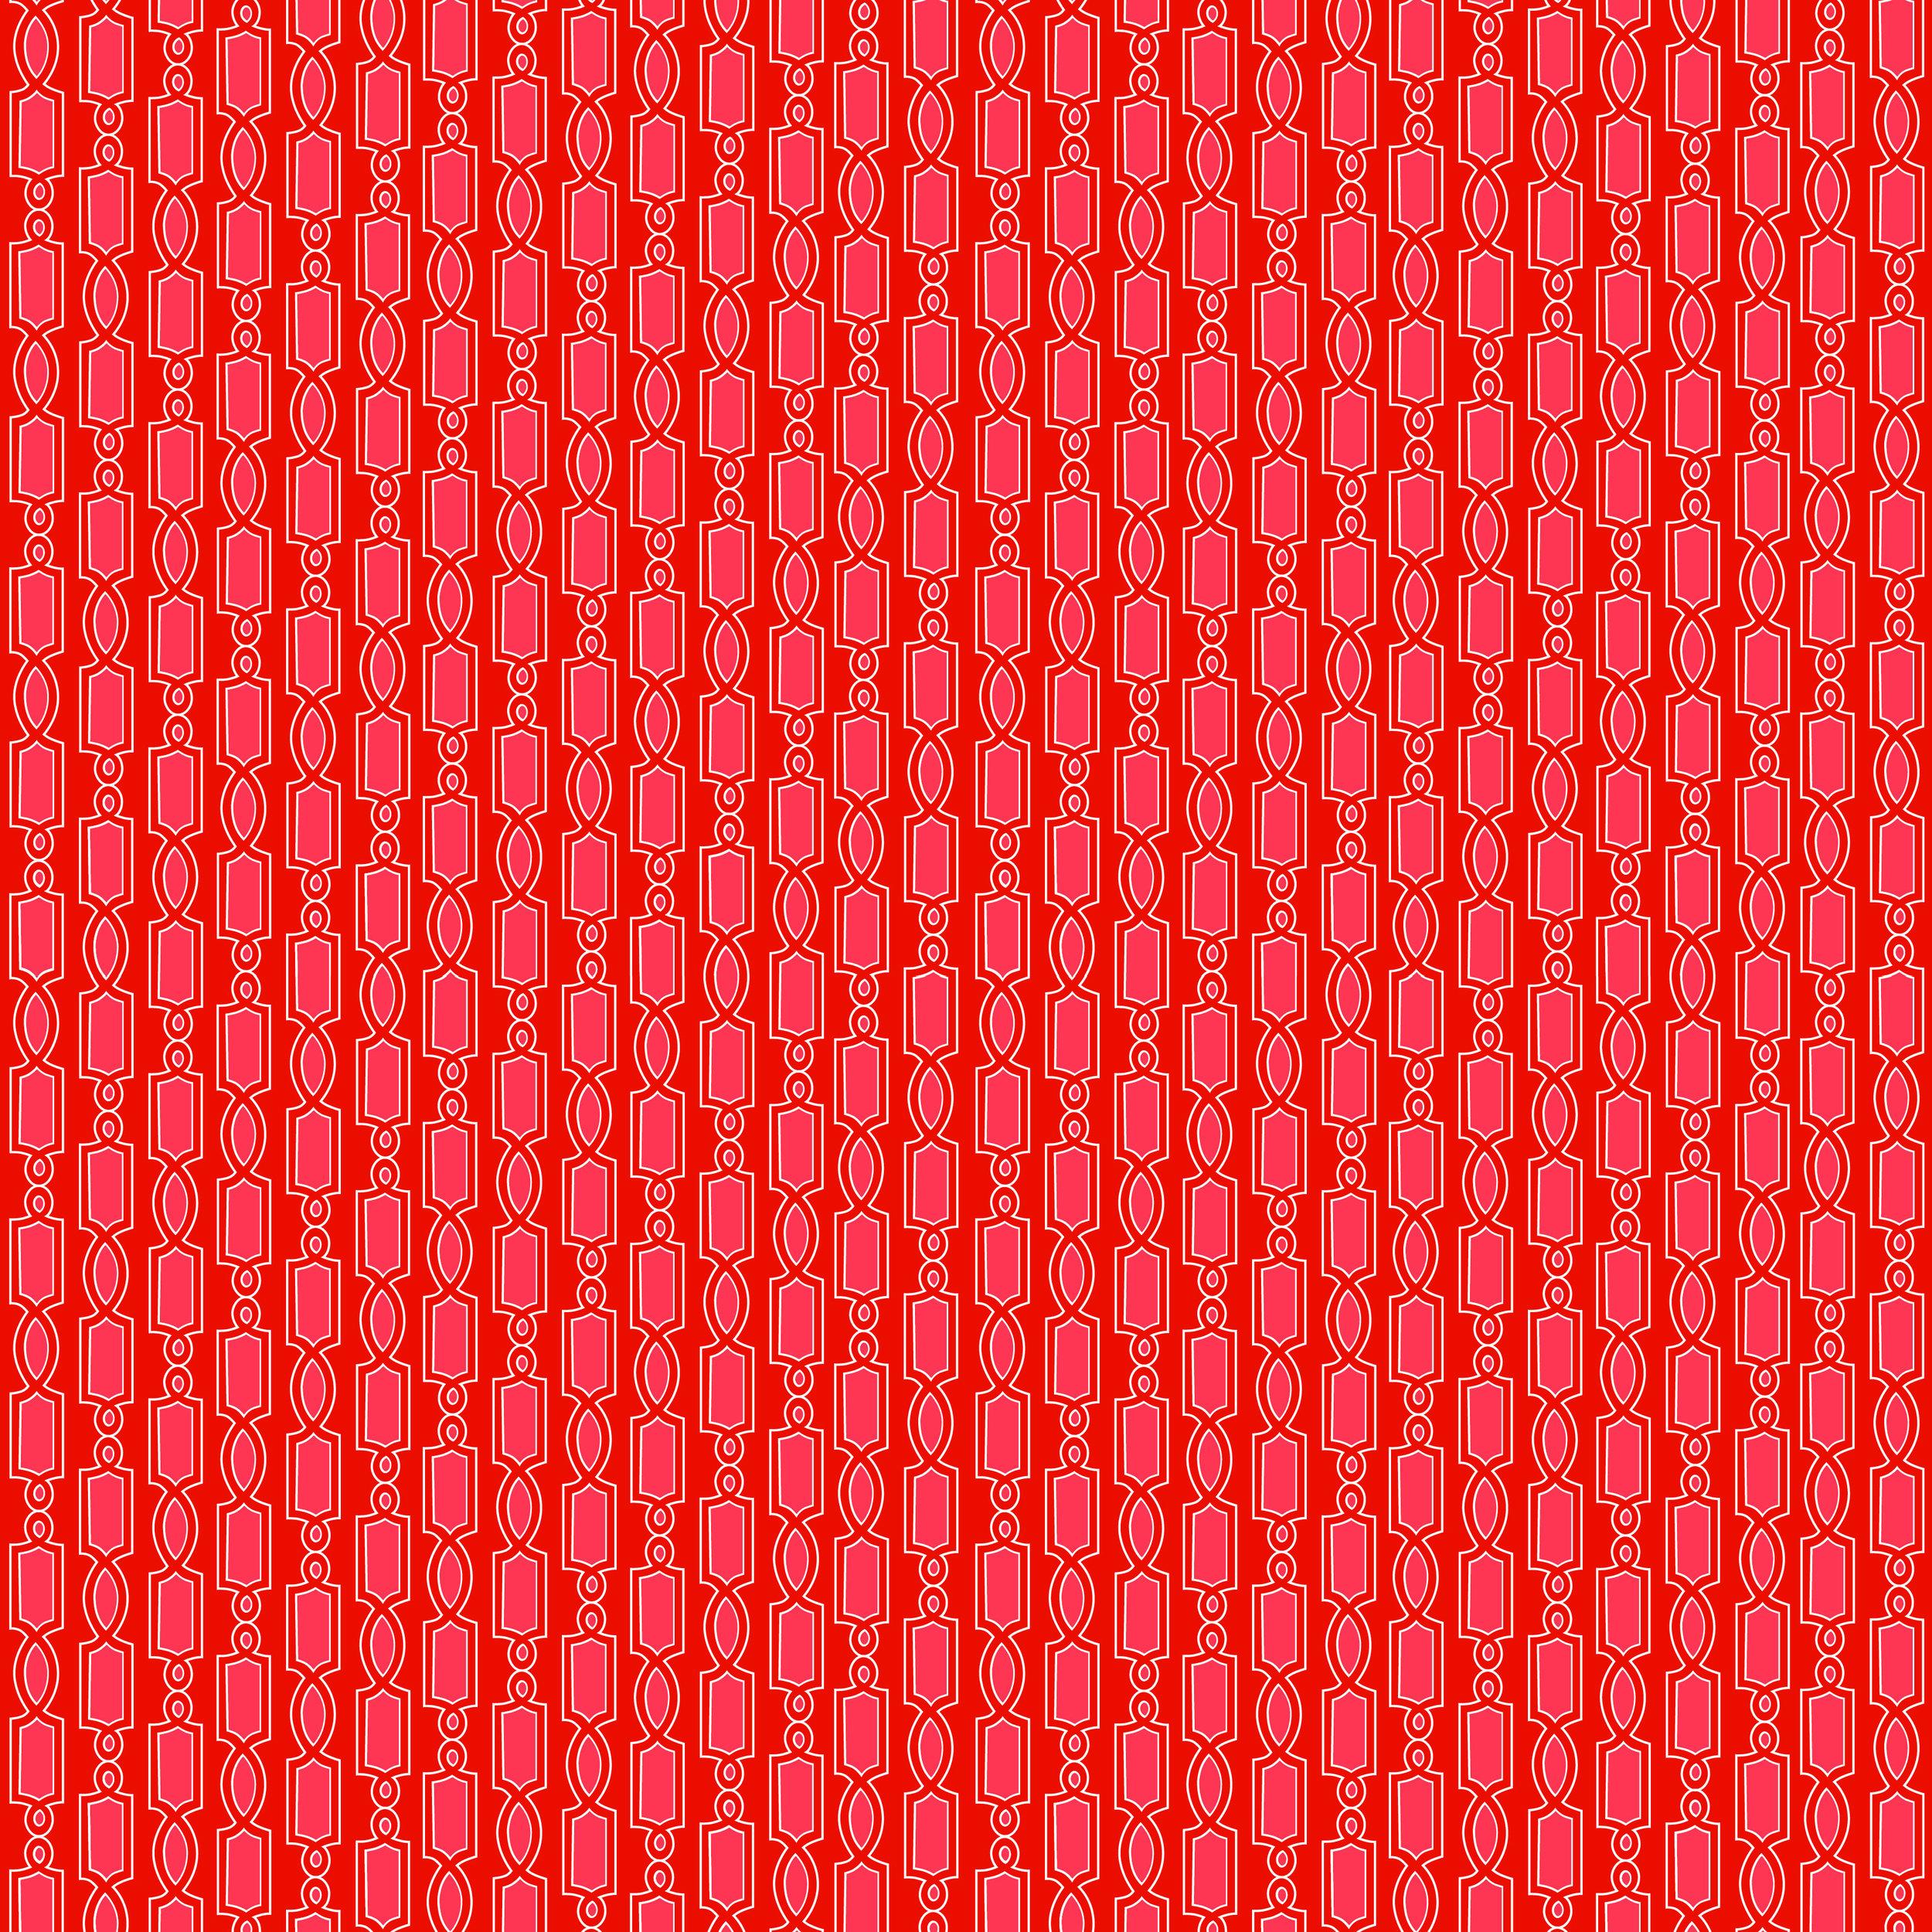 C4955_RED_AustenGeometric_300dpi.jpg